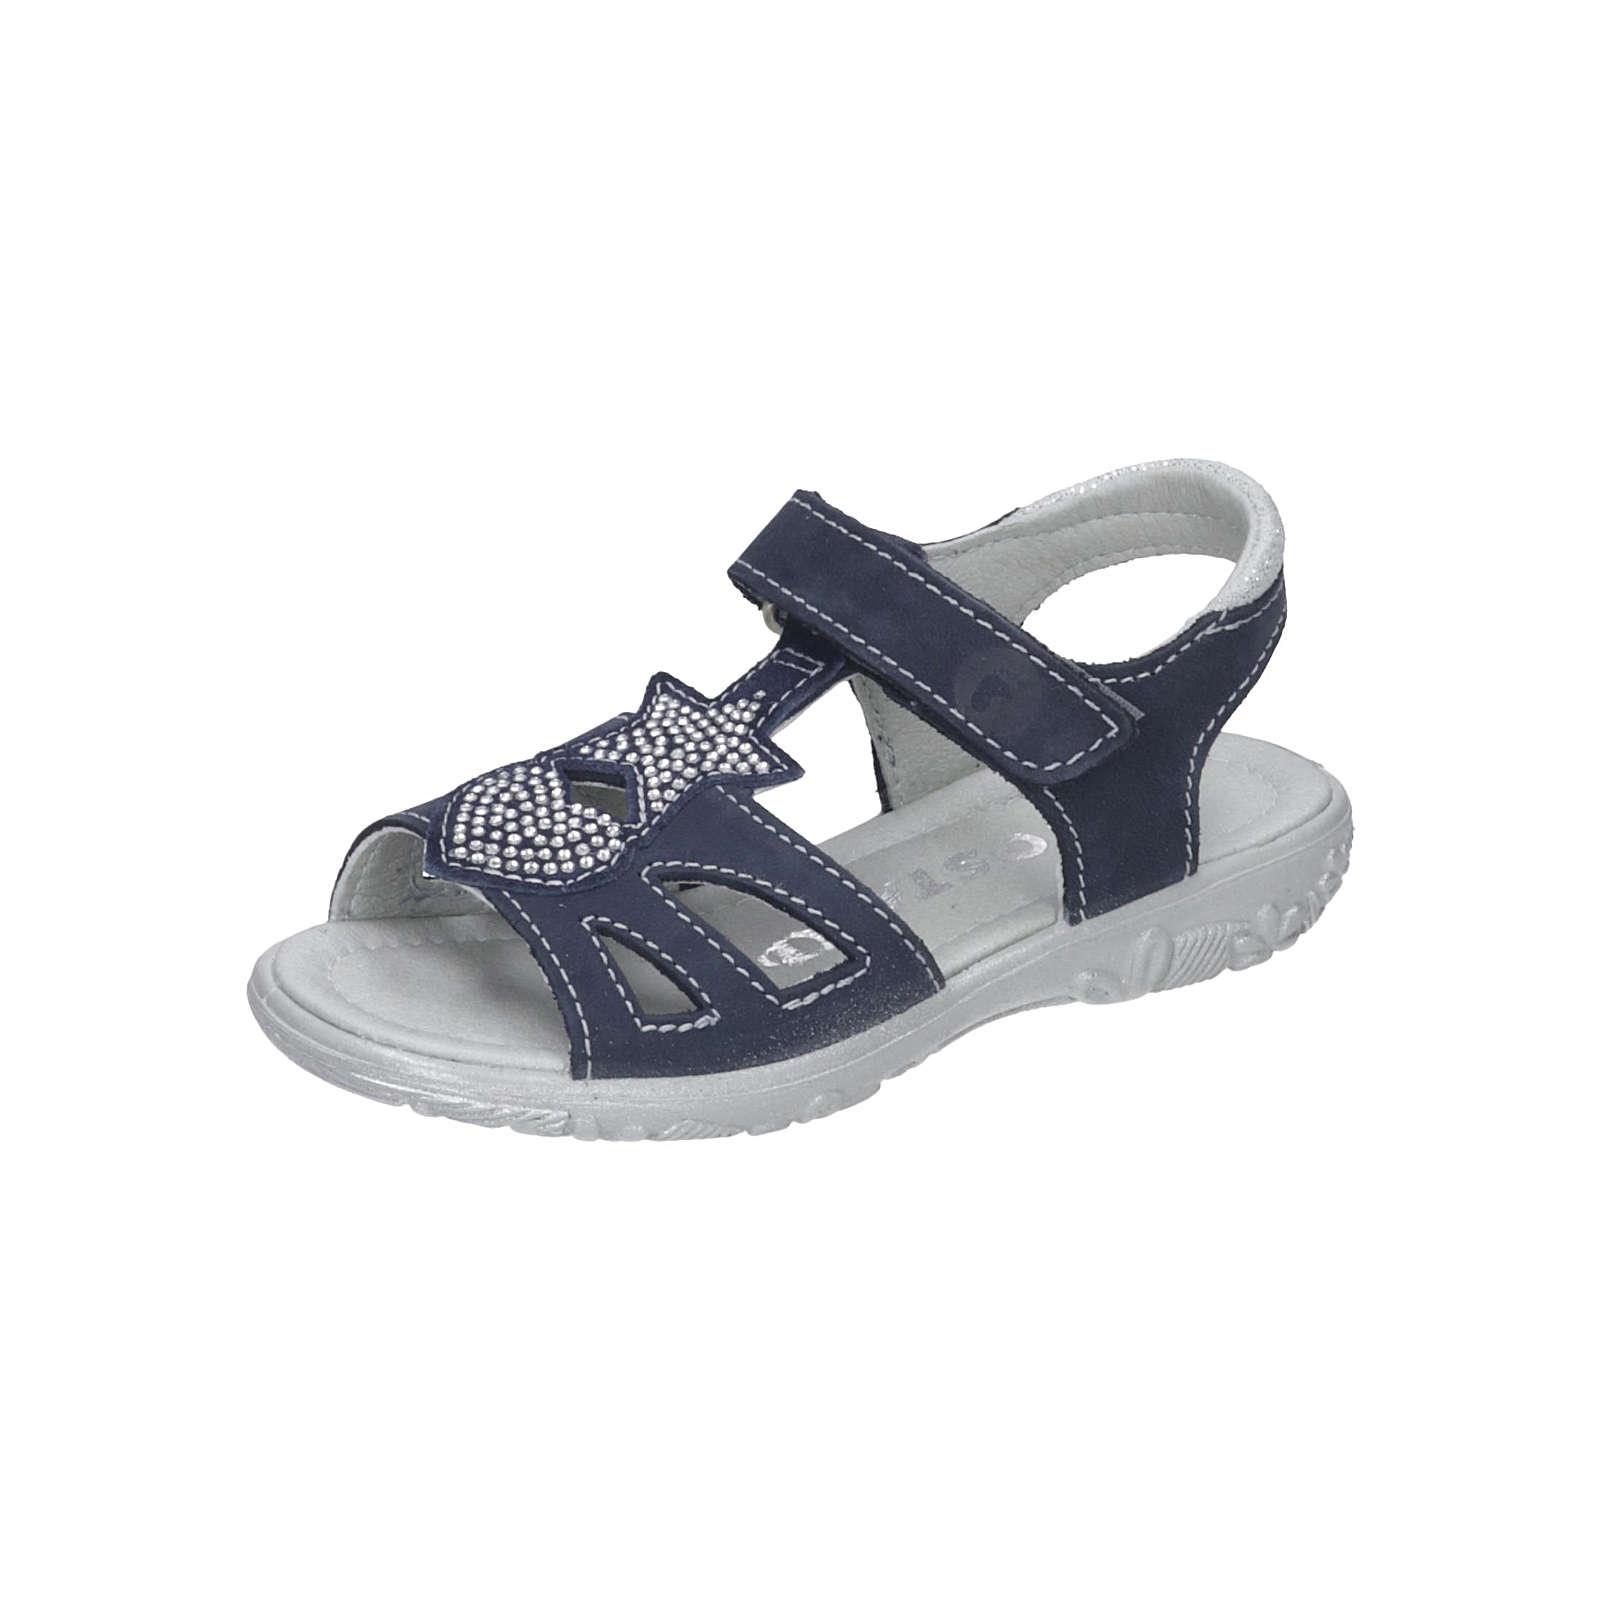 RICOSTA Sandalen für Mädchen blau Mädchen Gr. 26